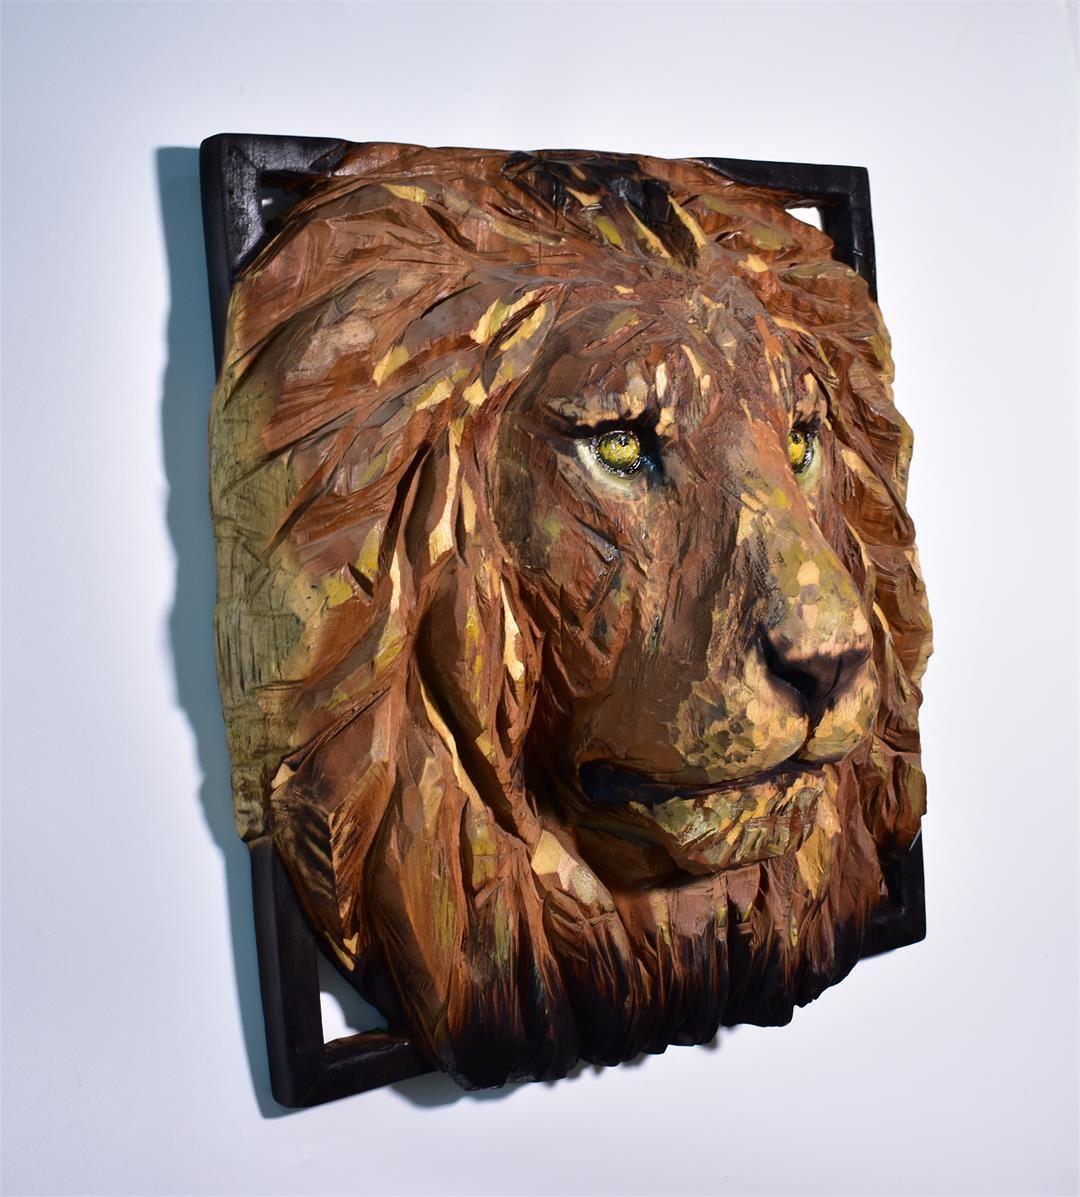 张敏丹《雄狮》木头 61x25x67cm 2020年 (2)_副本.jpg